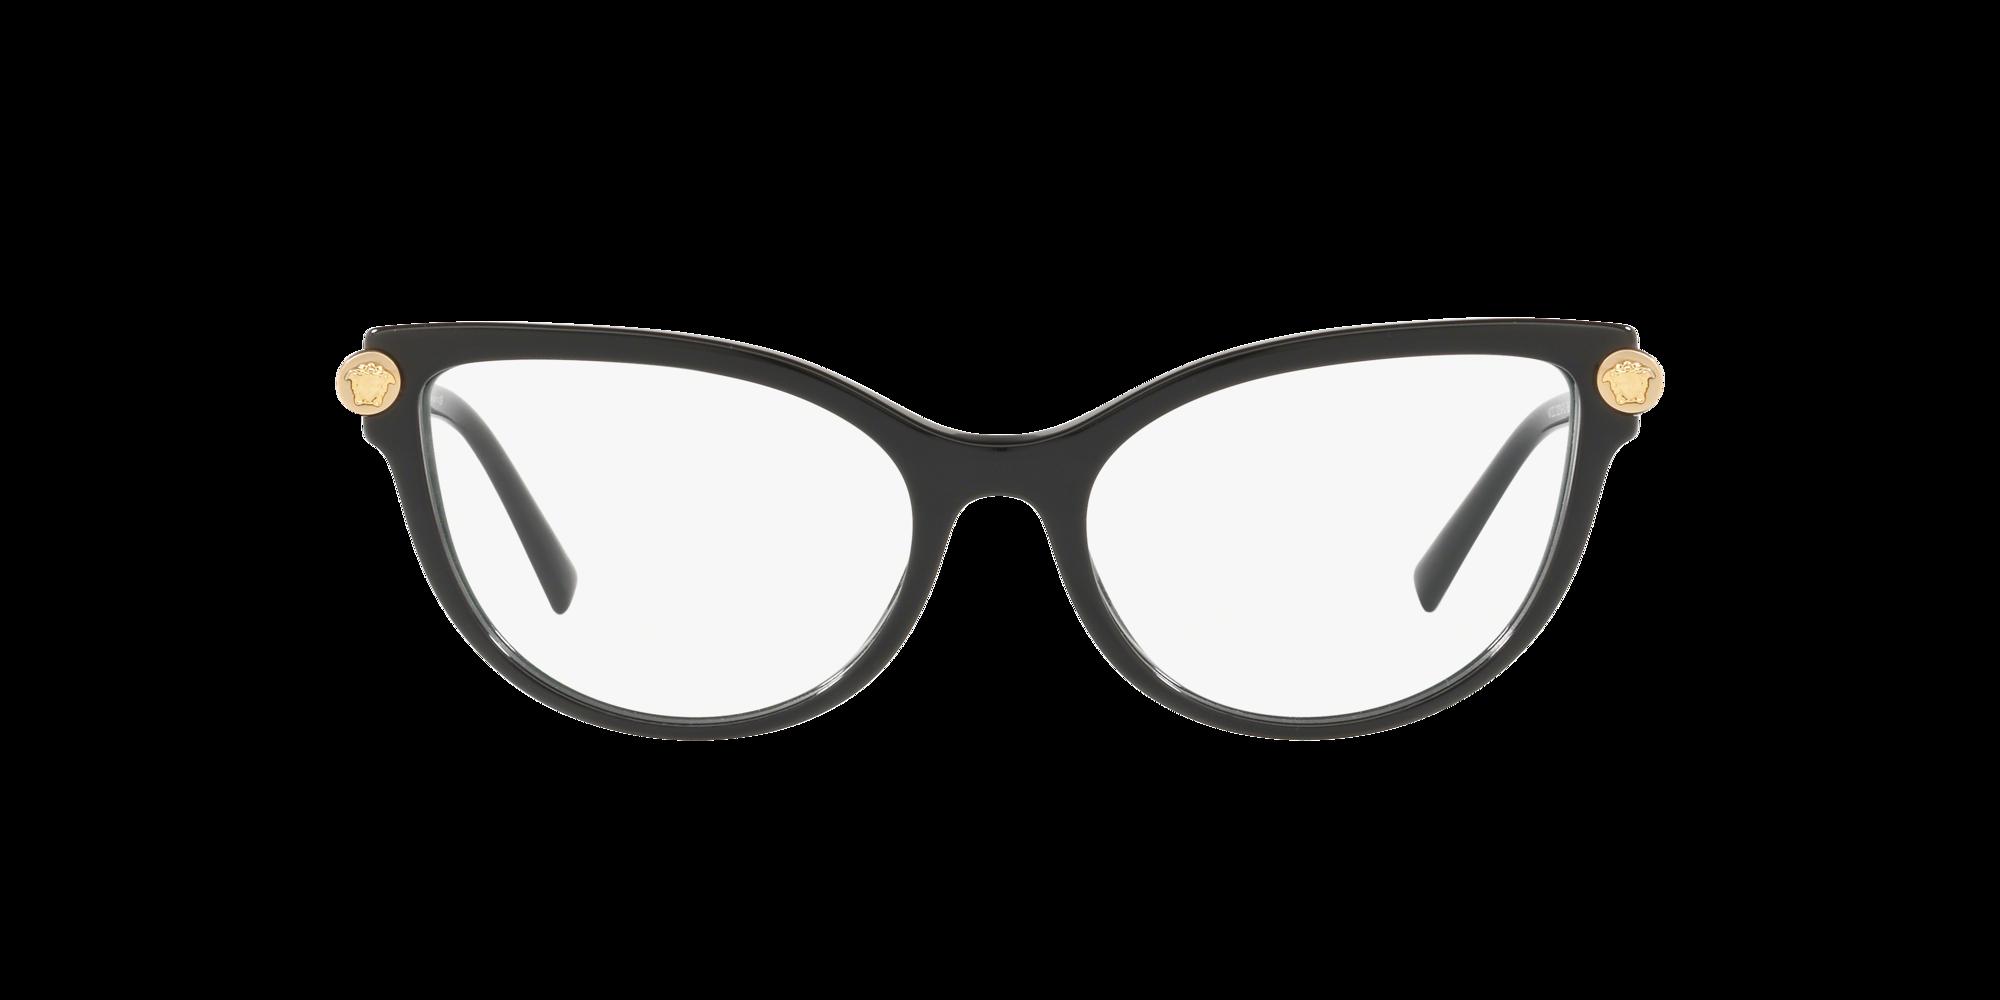 Imagen para VE3270Q V-ROCK de LensCrafters |  Espejuelos, espejuelos graduados en línea, gafas